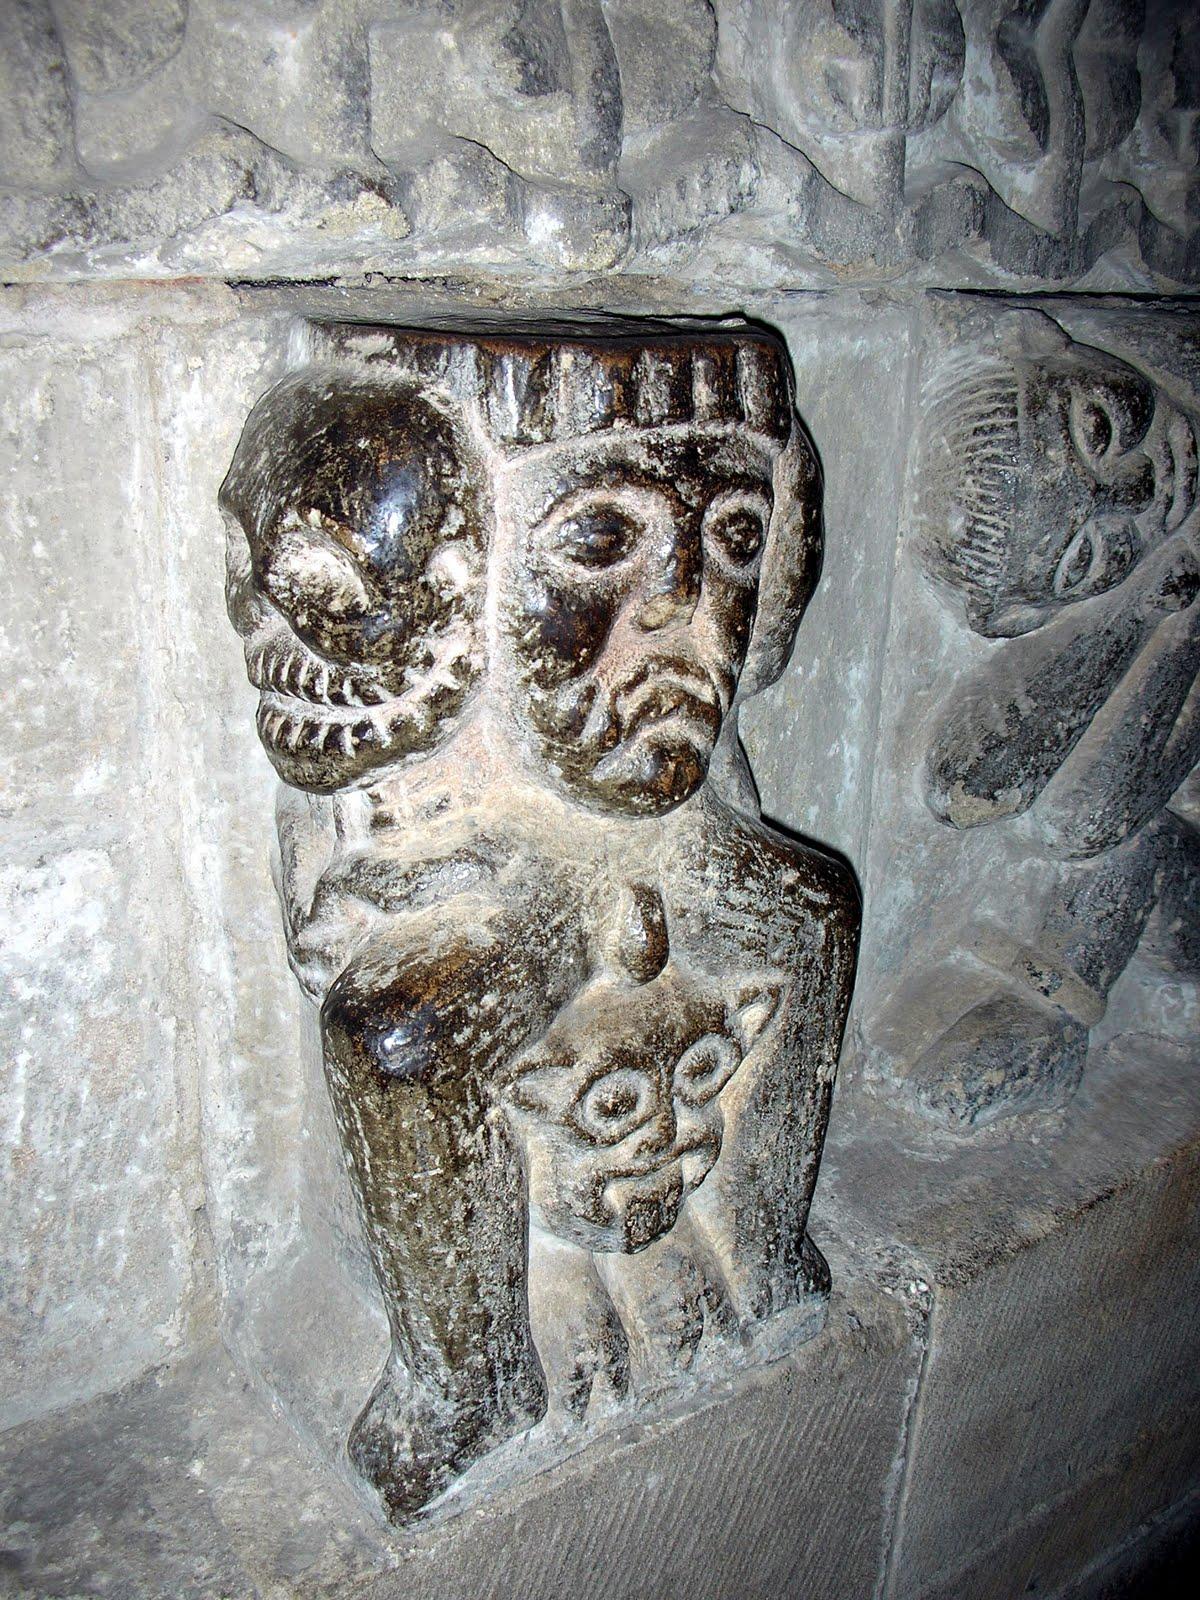 http://2.bp.blogspot.com/_wcu6i2kVCPM/S9CTU82Q_fI/AAAAAAAAAQM/4JCi09REMs8/s1600/Dscn0665+hexham+devil+skulls+beastie.jpg